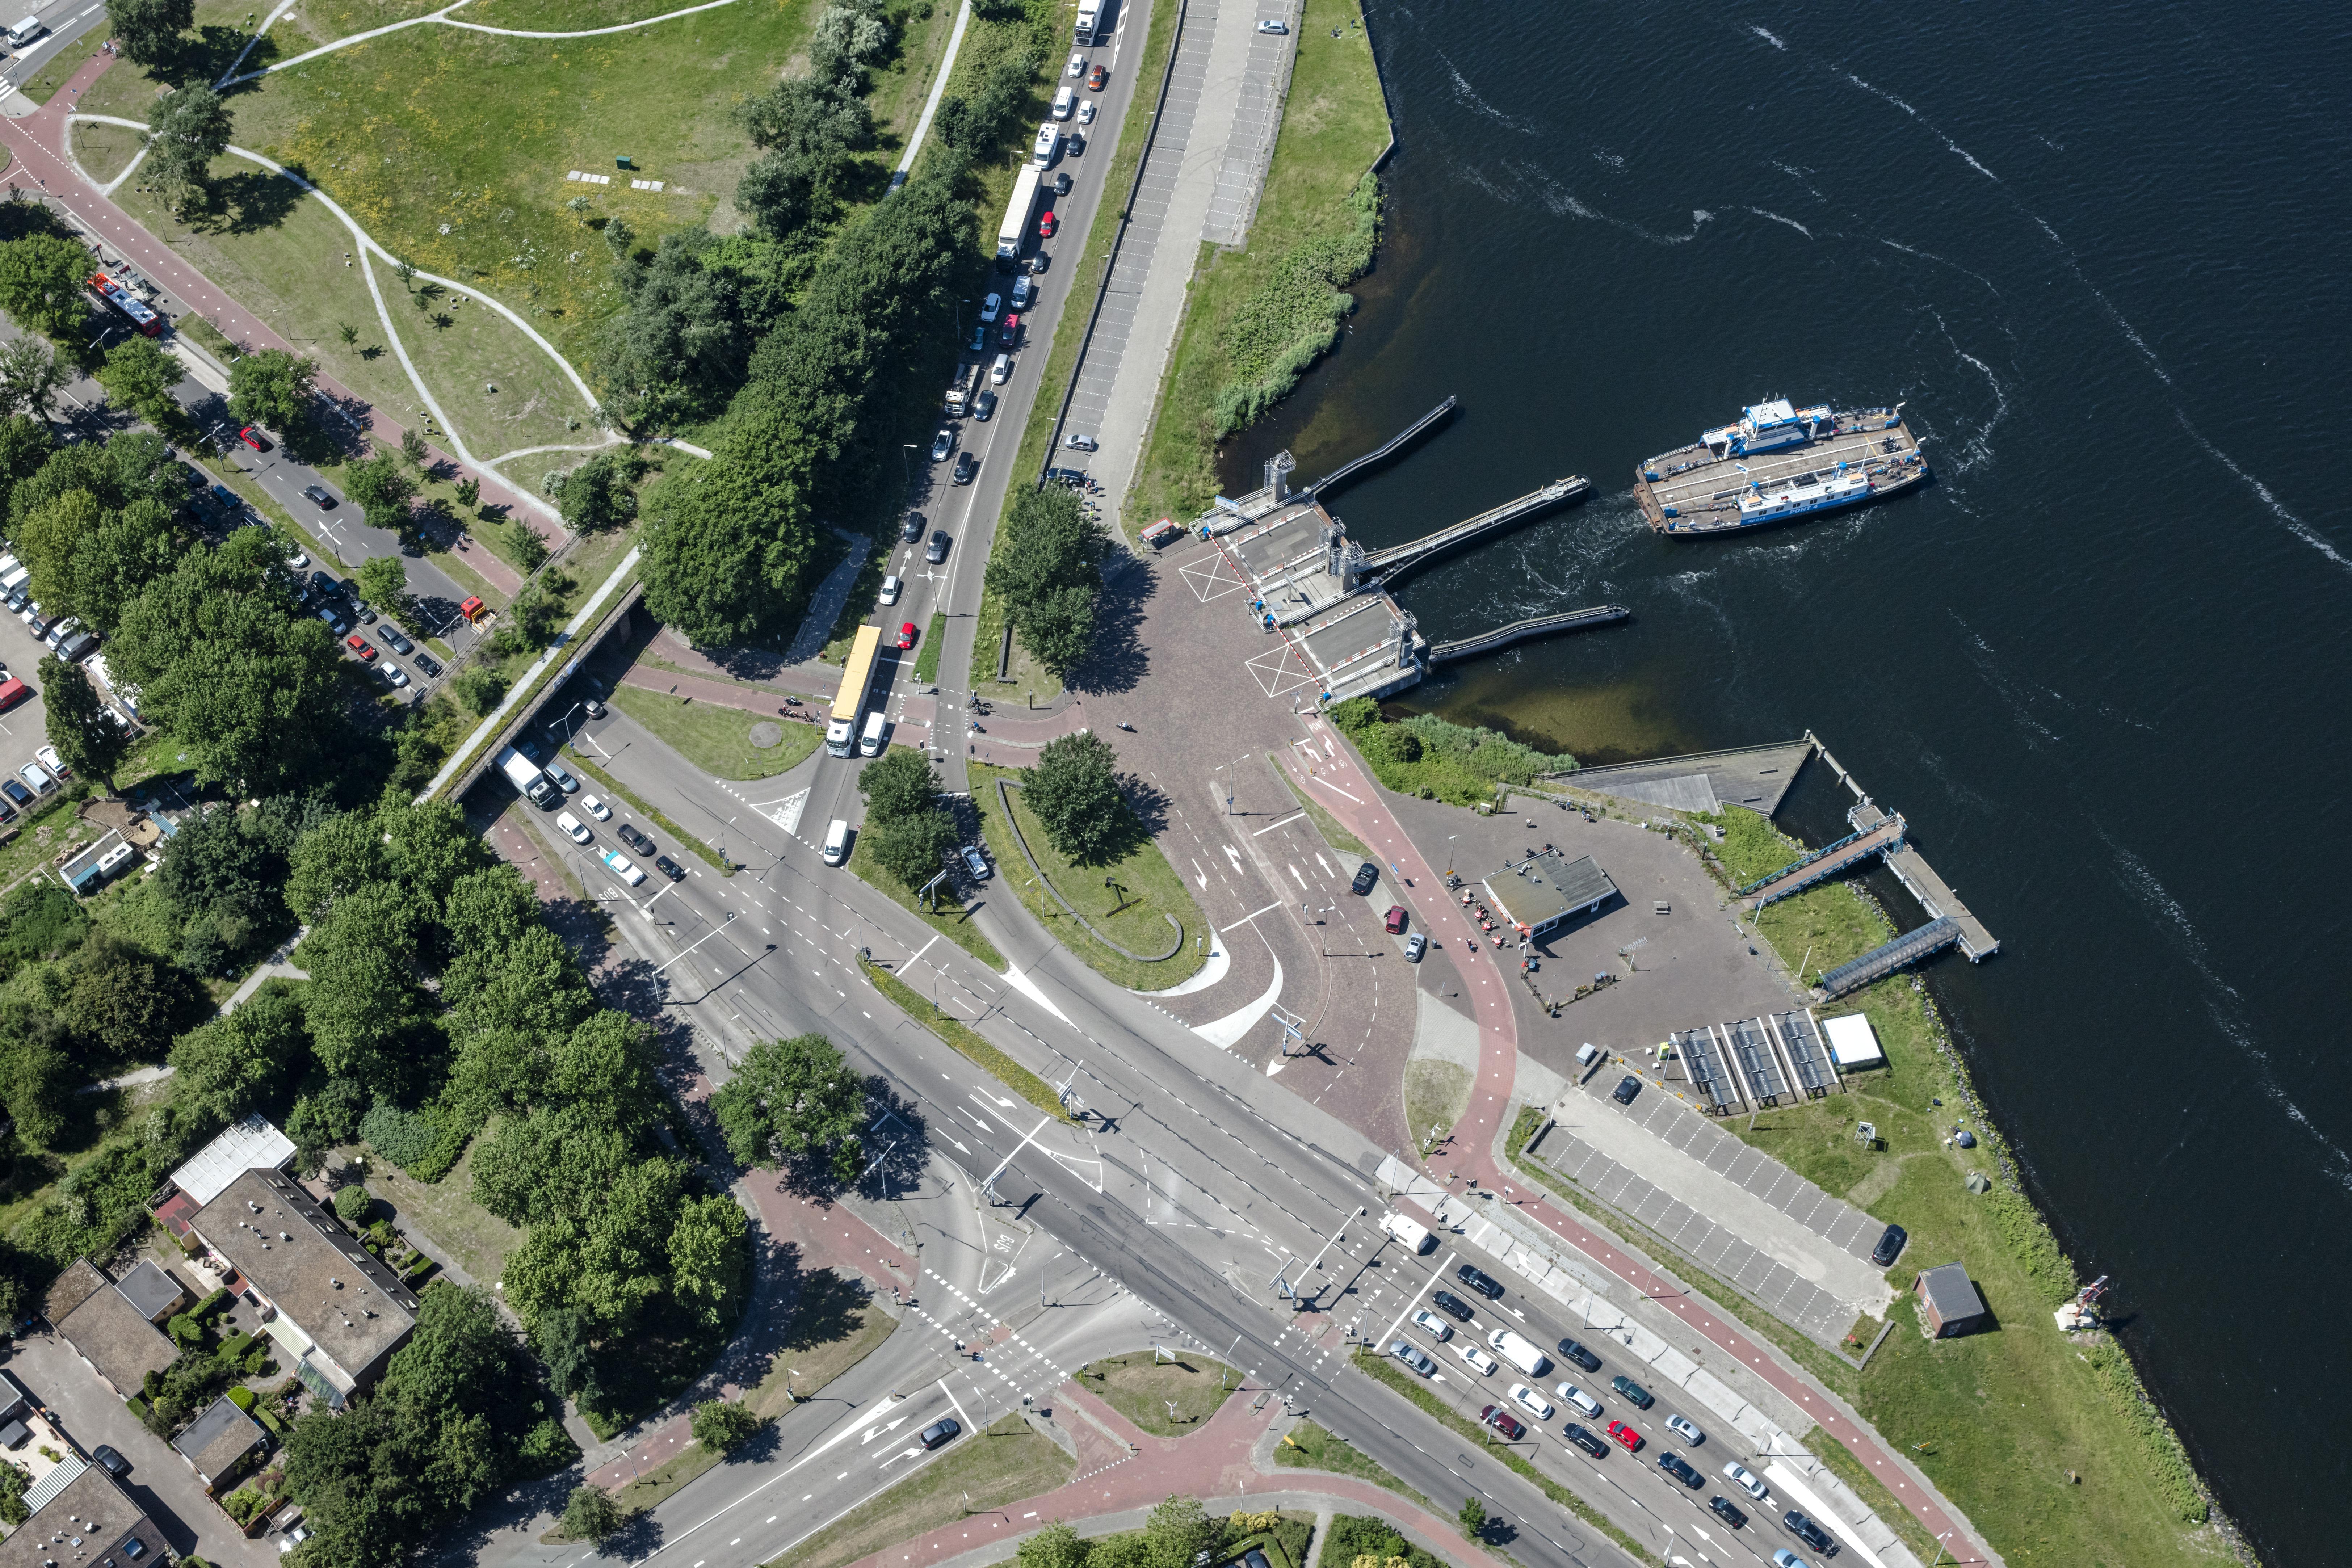 Velserpont uitgeleend aan Buitenhuizen na motorstoring, vertraging bij het IJmondveer